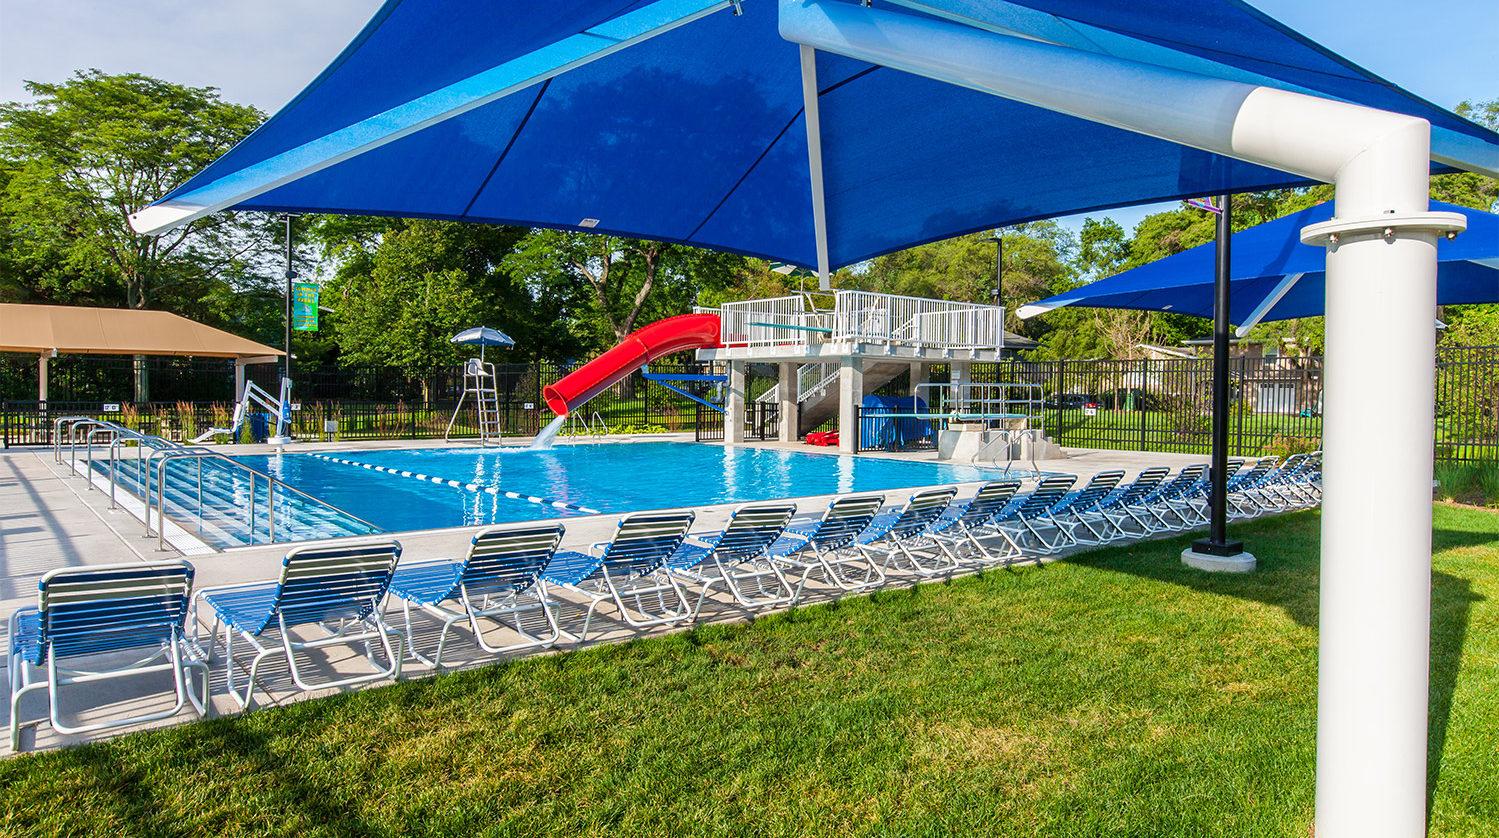 Mitchell Pool Dive tank